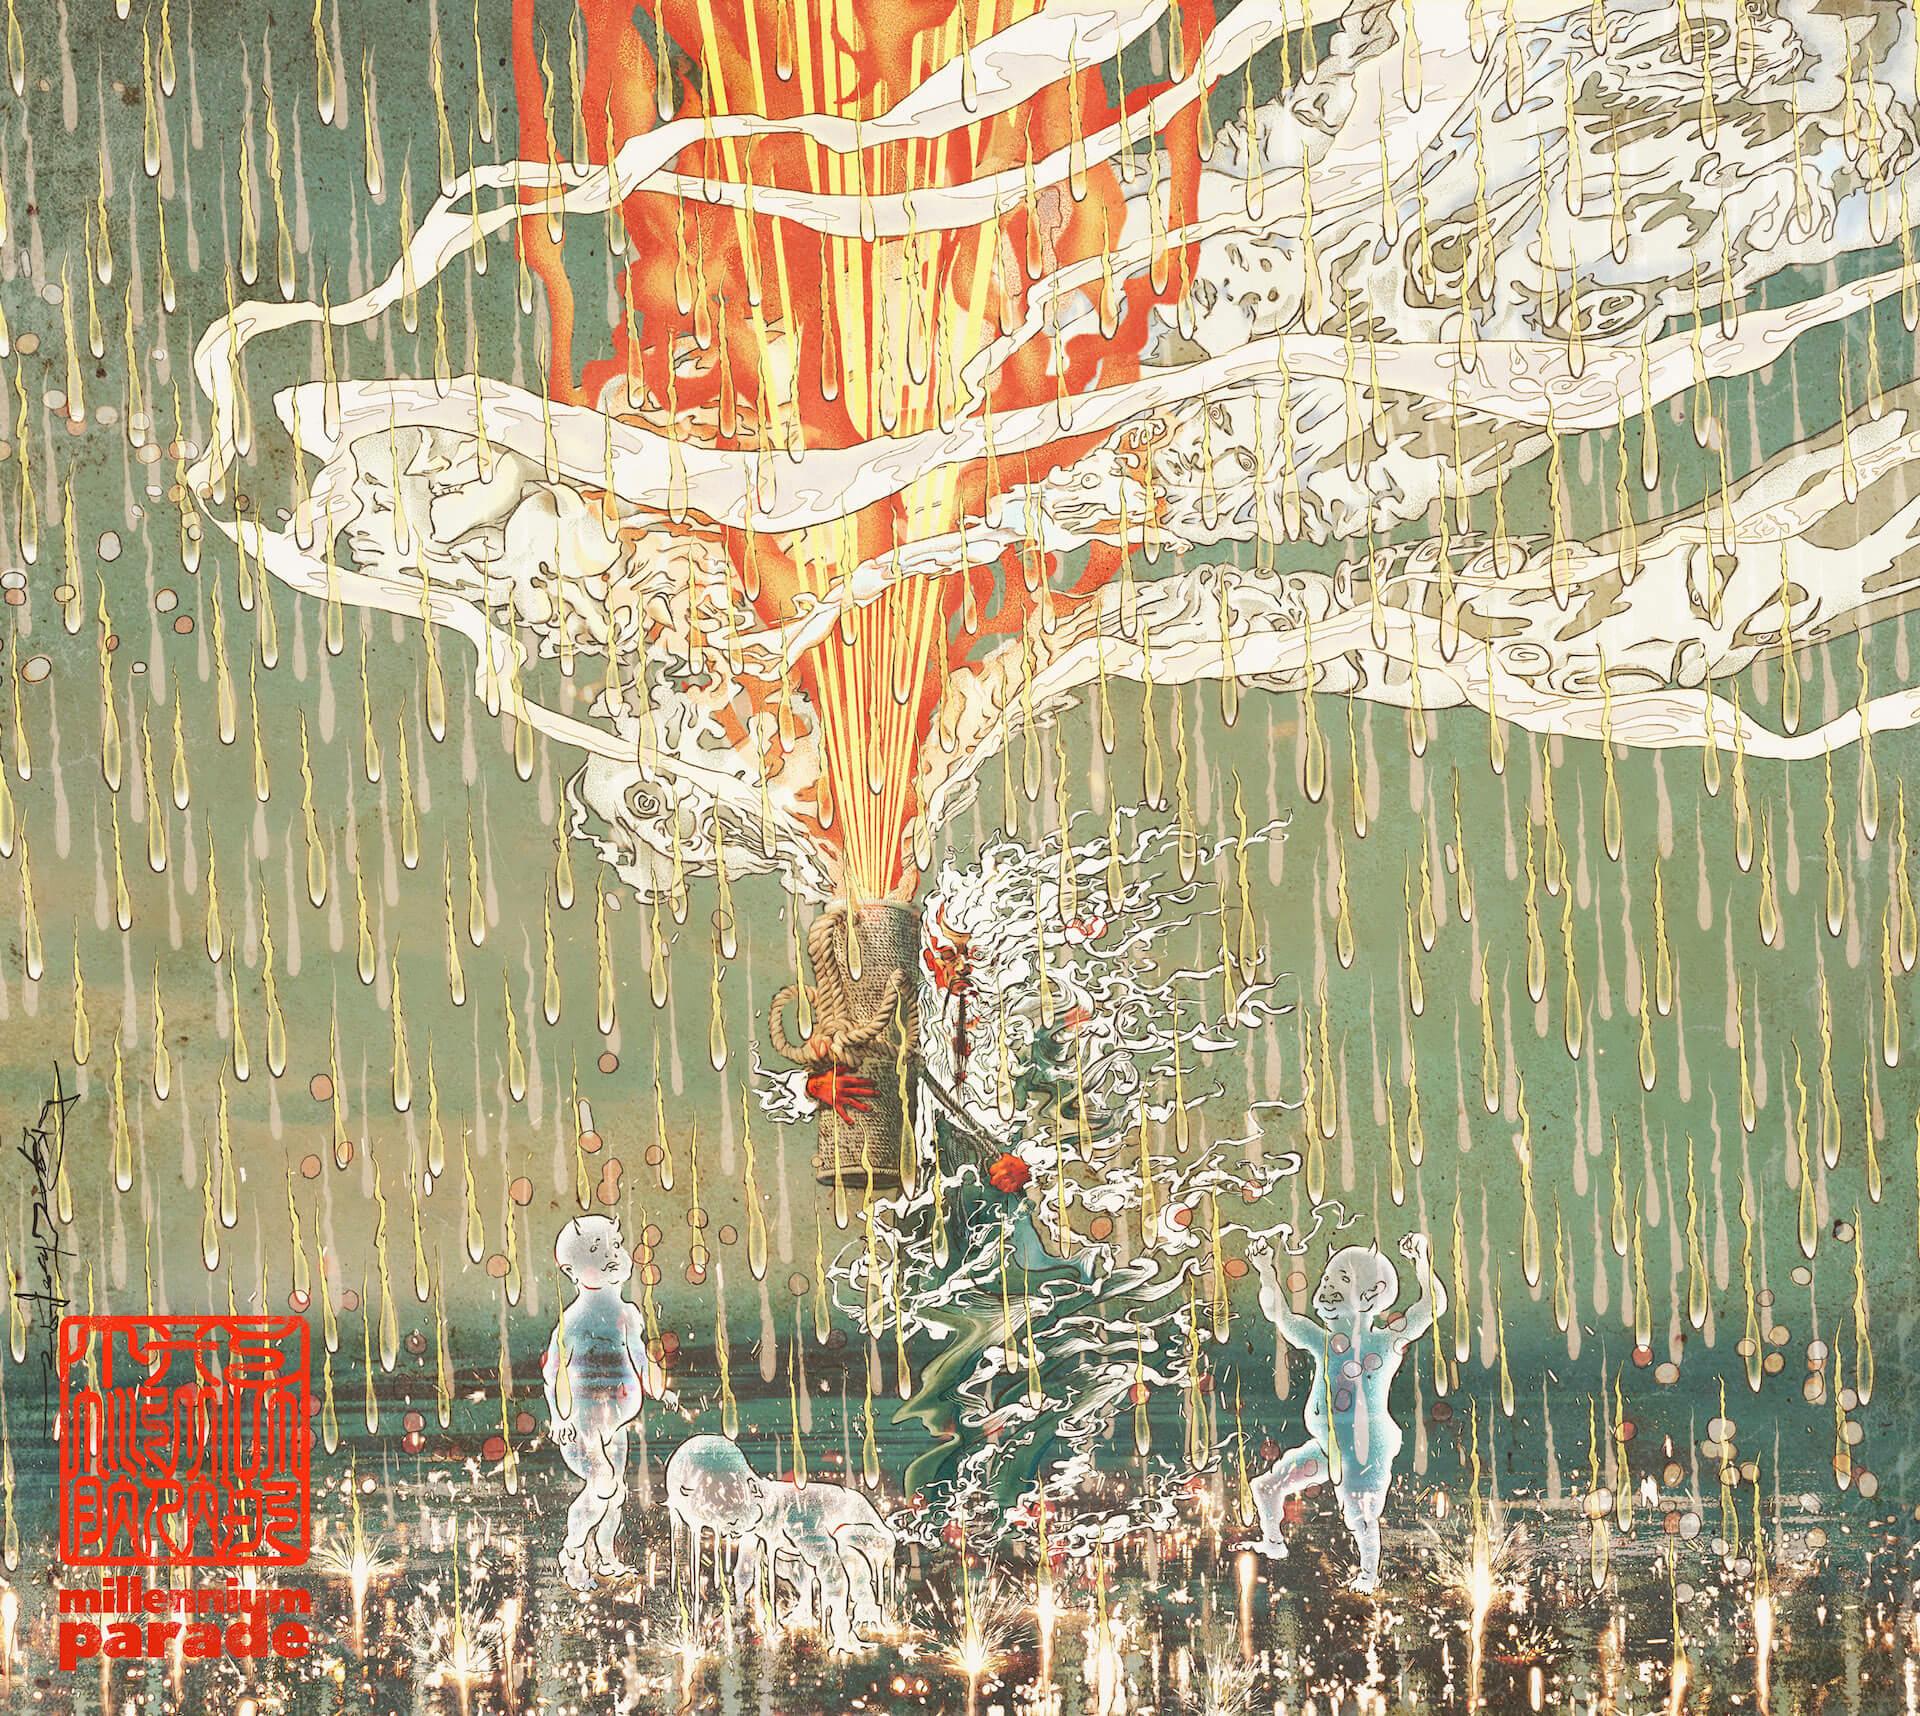 常田大希率いるmillennium paradeが東阪ワンマンライブの開催を発表!シリアルナンバー先行予約もスタート music210819_millenniumparade_1